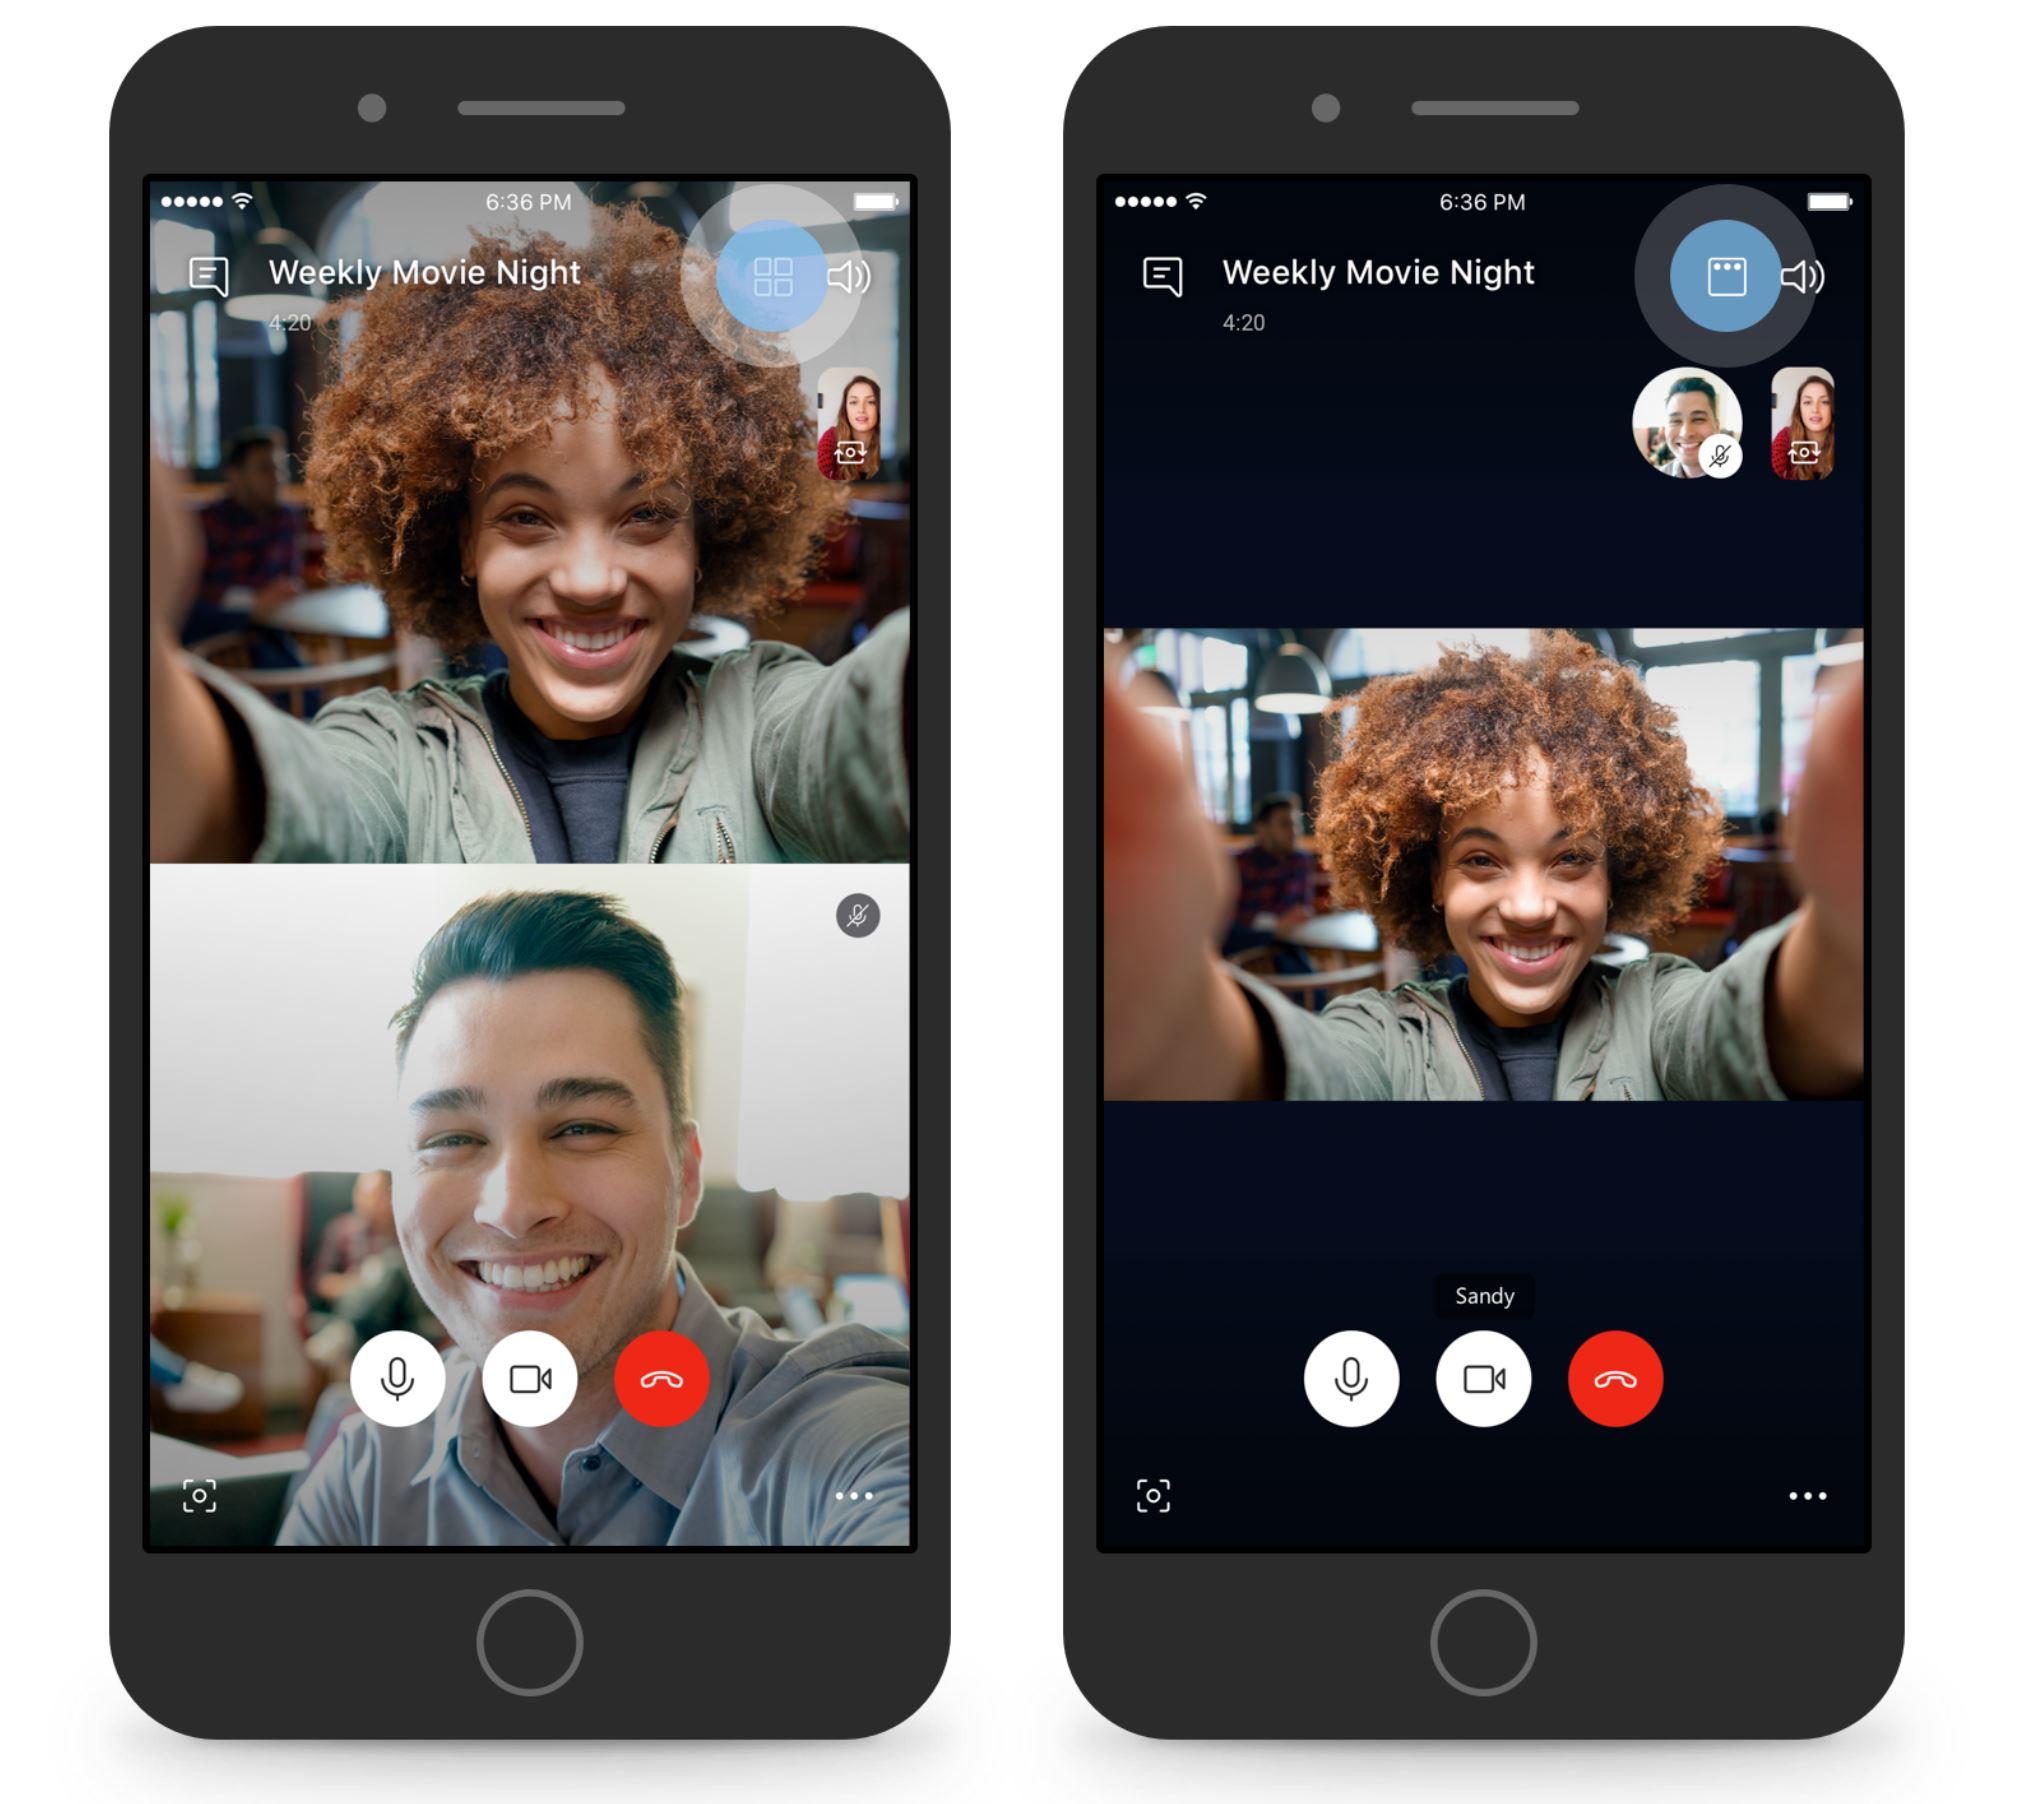 В Skype возвращаются ранее убранные функции